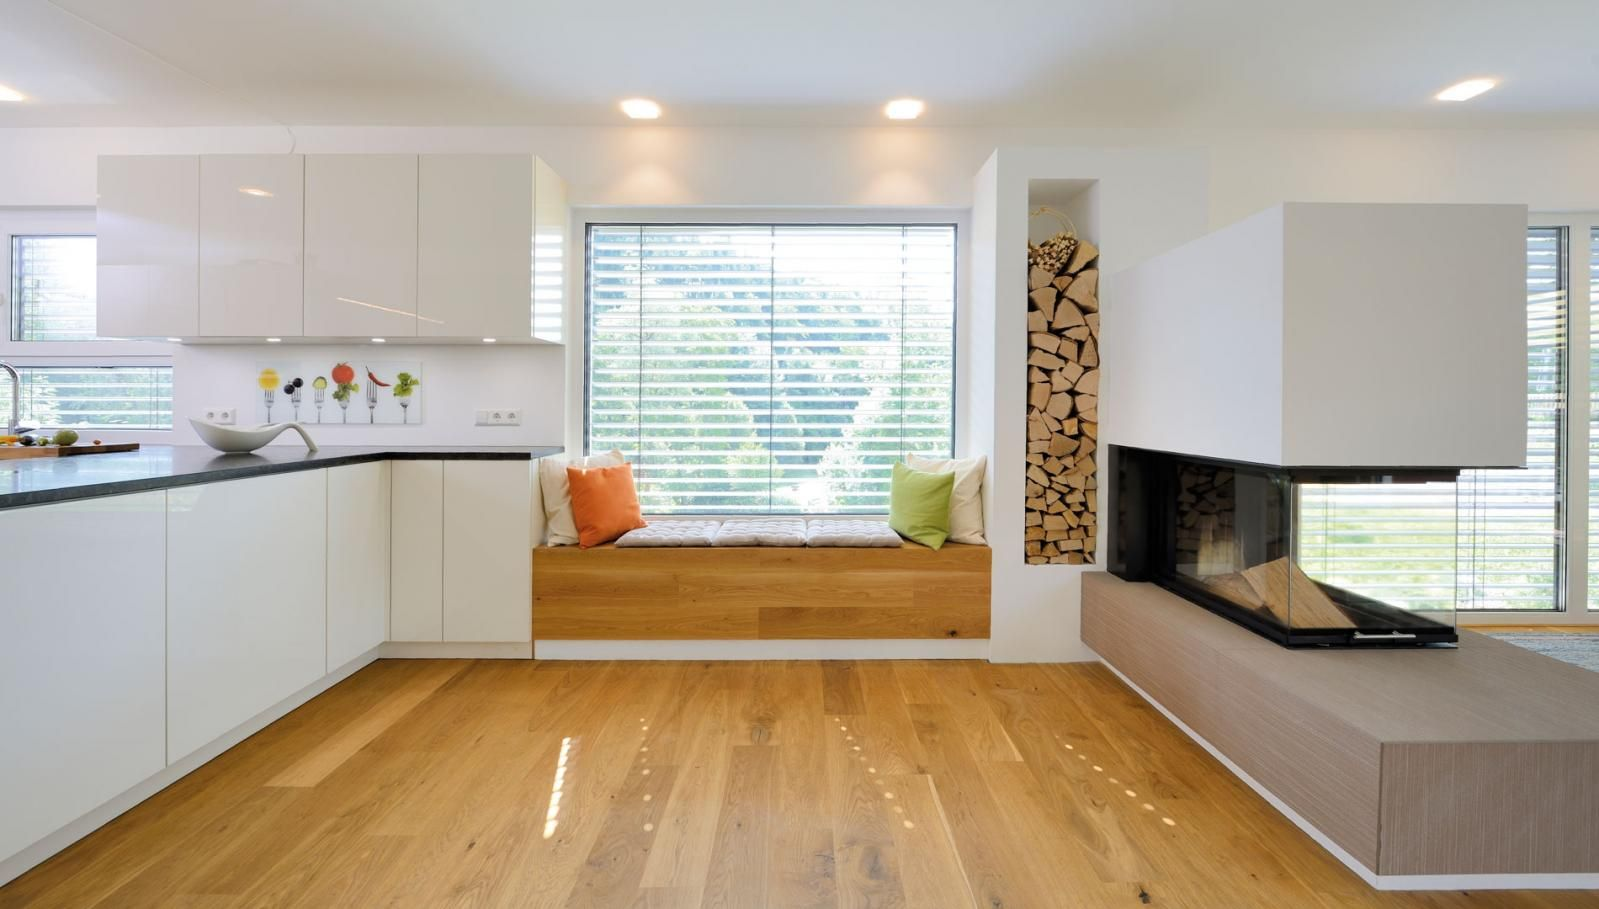 Gemütliches Sitzfenster Zwischen Küche Und Kamin | Haus Ingelfinger |  Fertighaus WEISS House Windows, Window